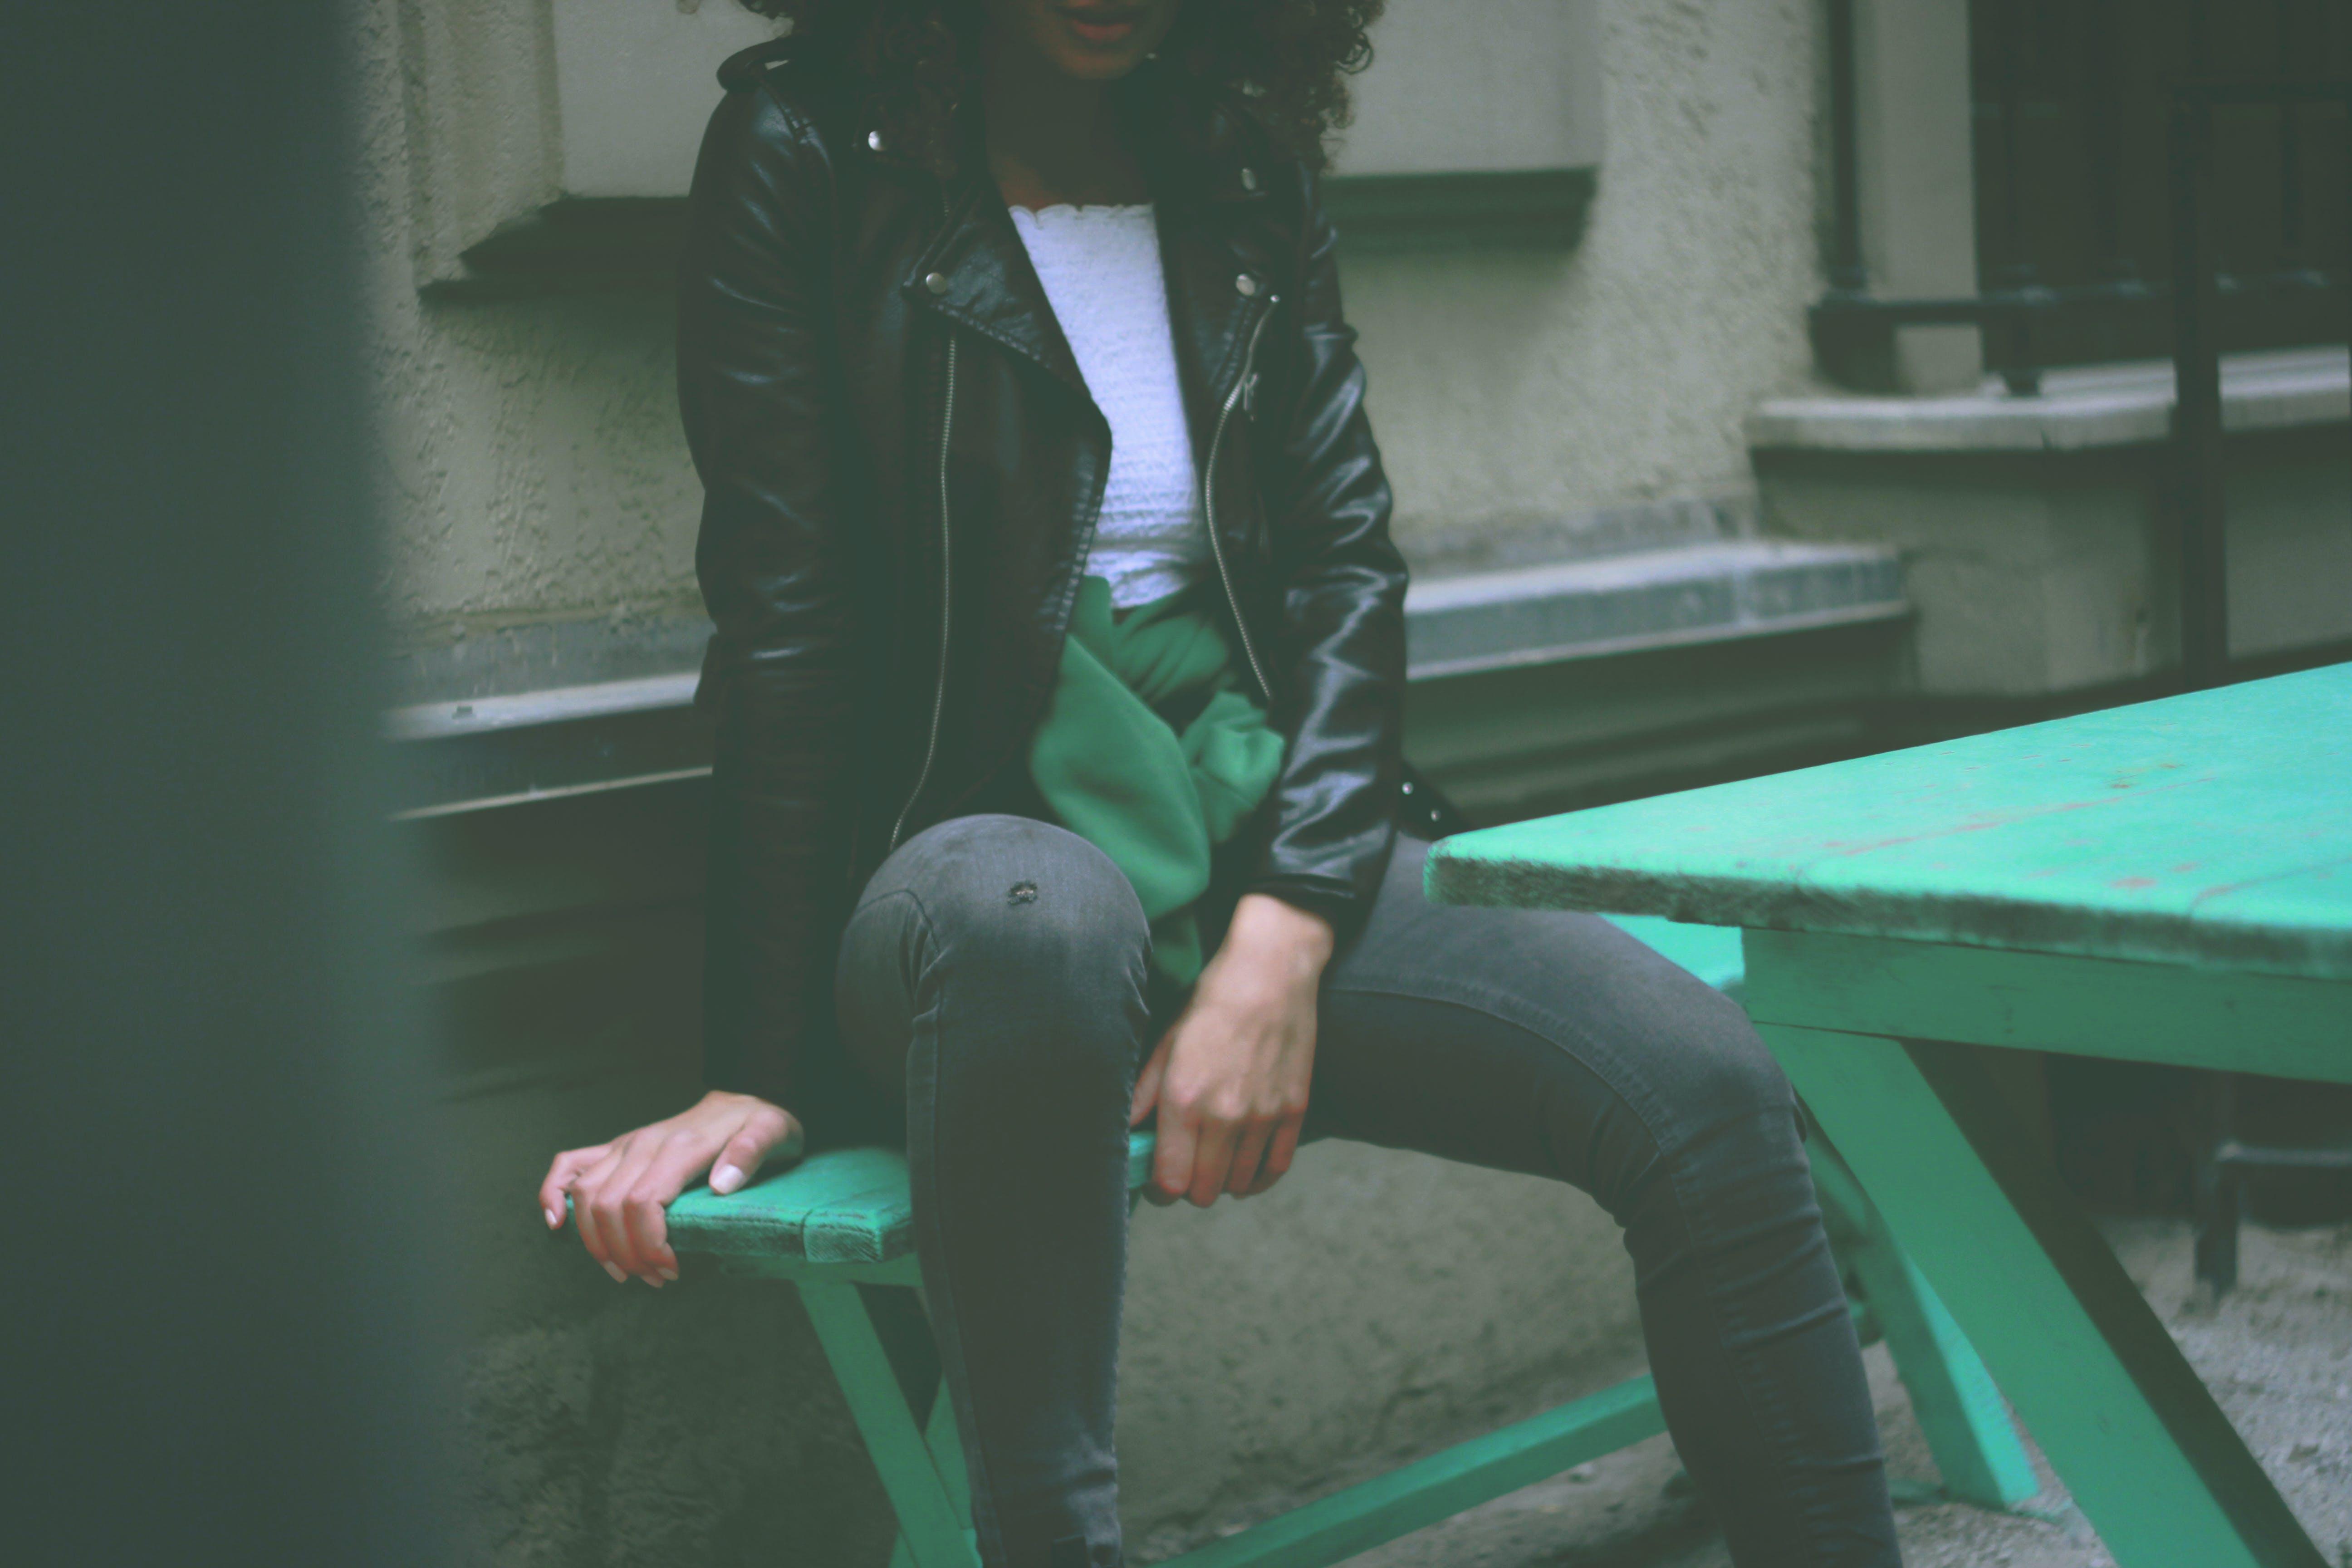 검은색 가죽 자켓, 사람, 스타일, 앉아 있는의 무료 스톡 사진